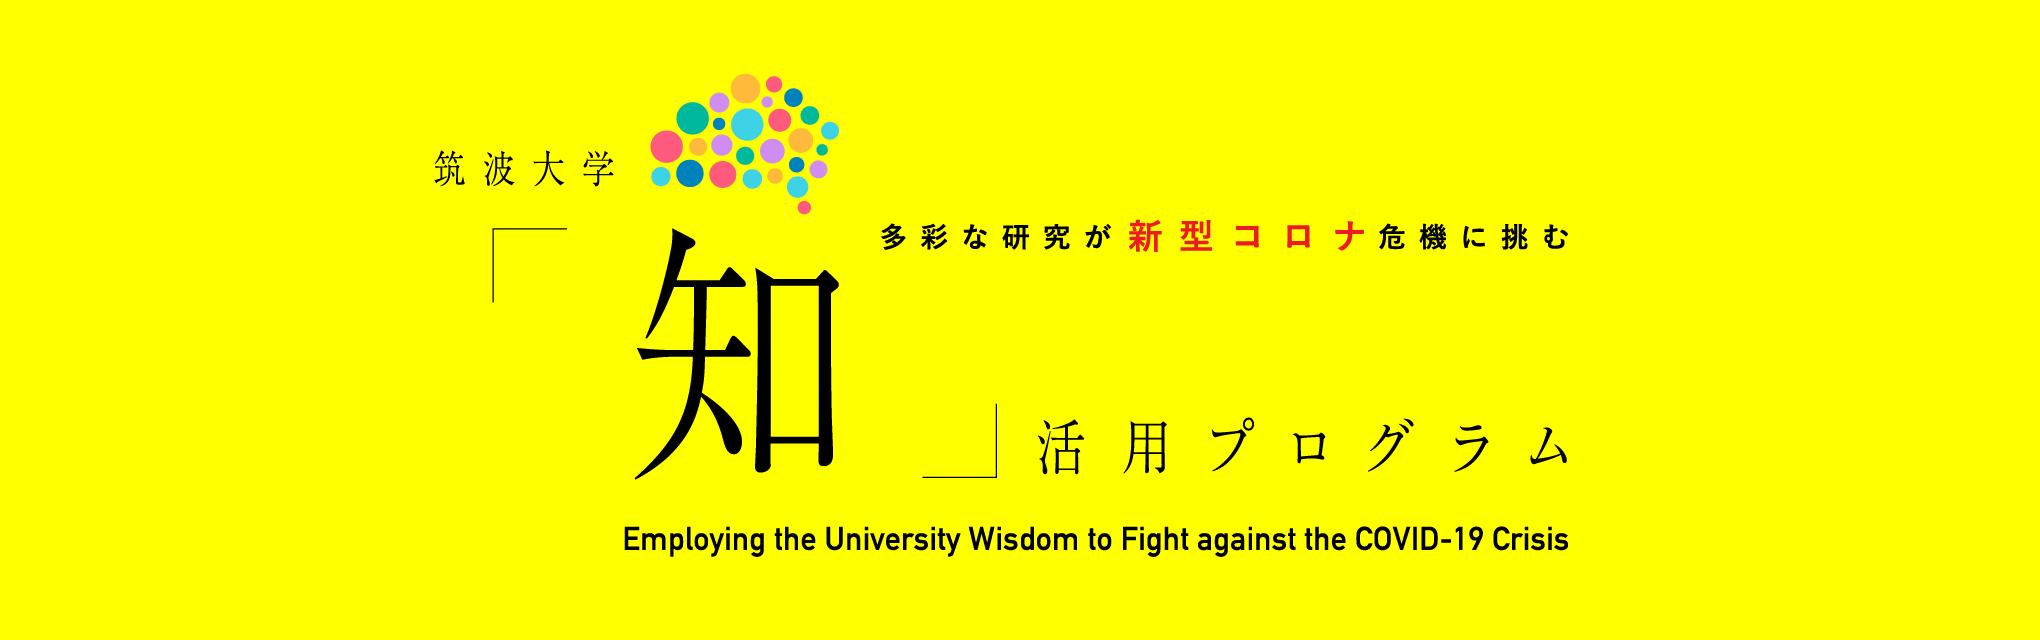 研究戦略イニシアティブ推進機構|筑波大学「知」活用プログラム|新型コロナウイルス